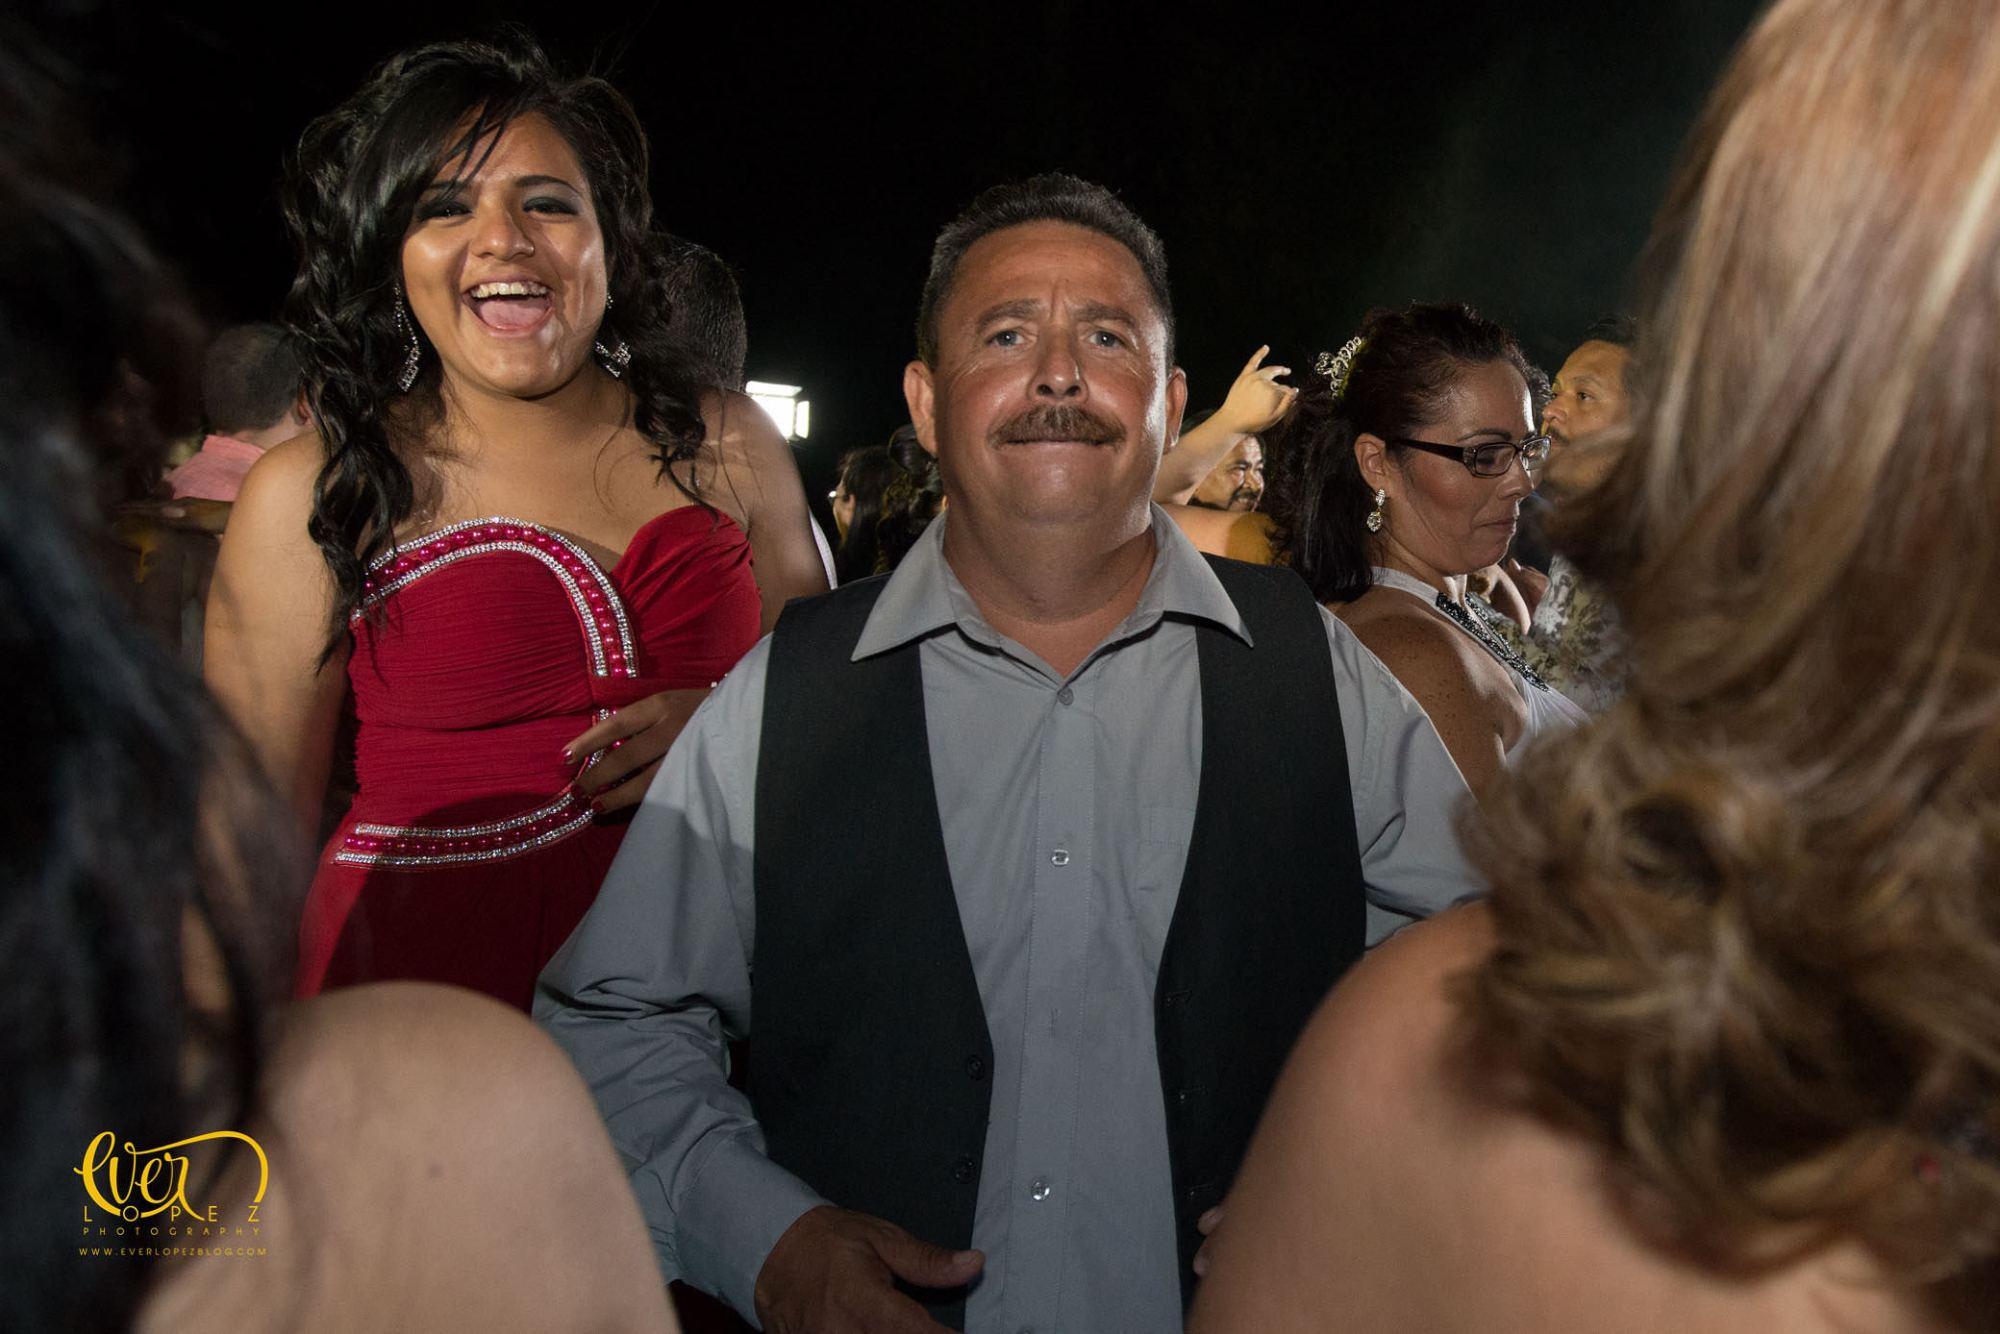 Fotografo de bodas Tequila Jalisco